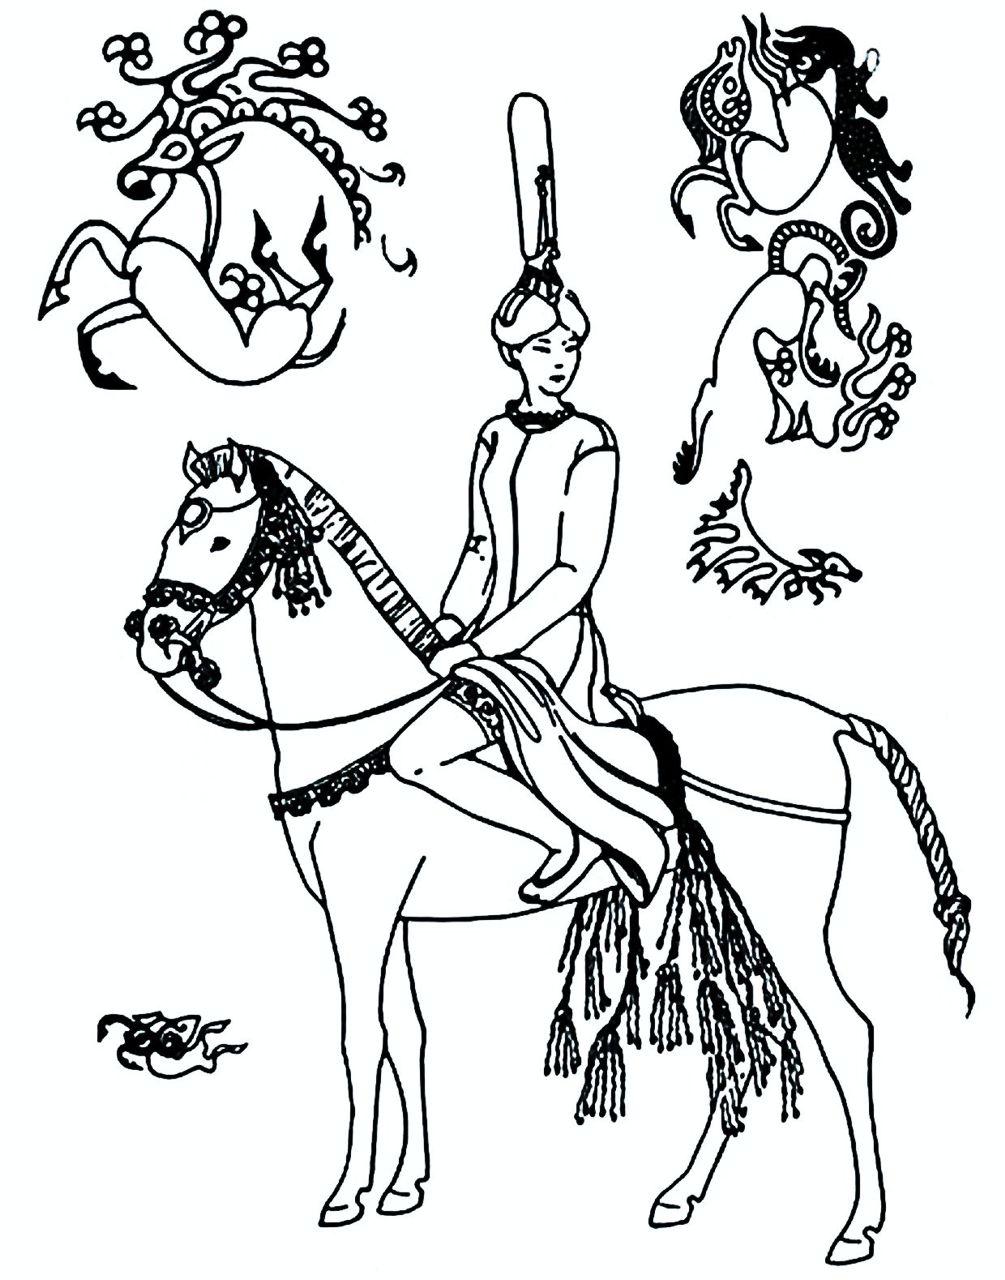 Принцесса Укока и дизайны её татуировок